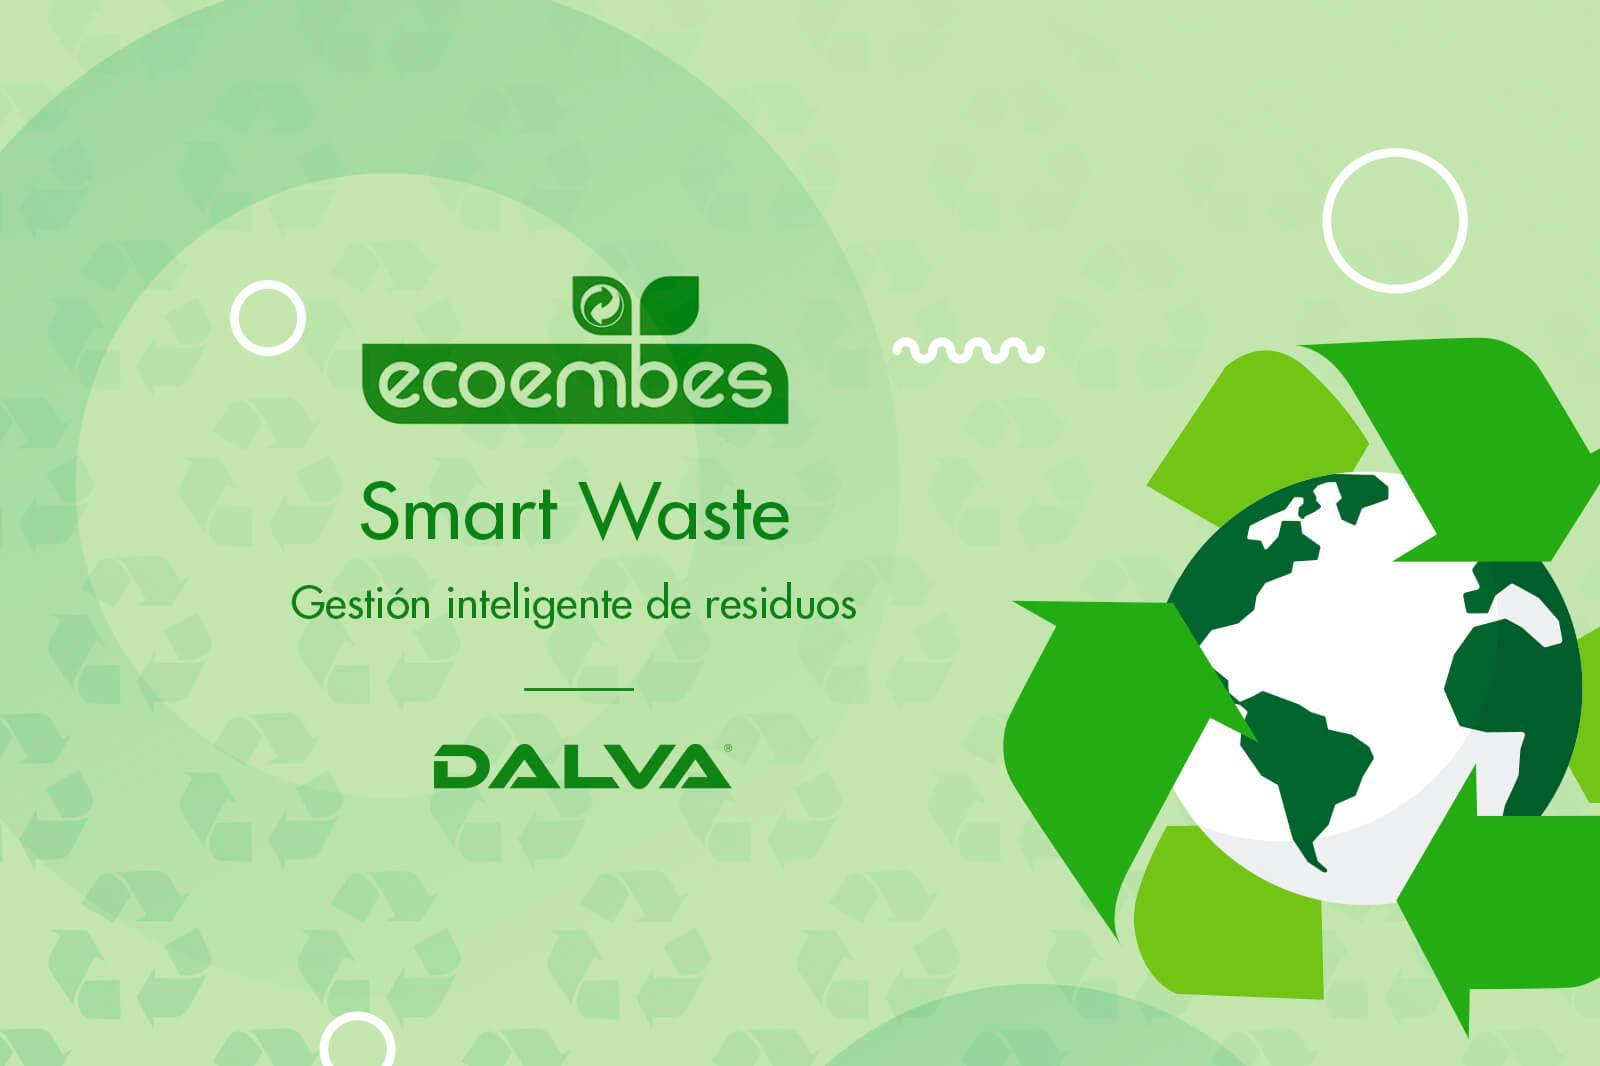 Imagen verde con el logo de Ecoembes y un título que dice: Smart Waste, Gestión inteligente de residuos y en la zona inferior el logo de Pinturas Dalva